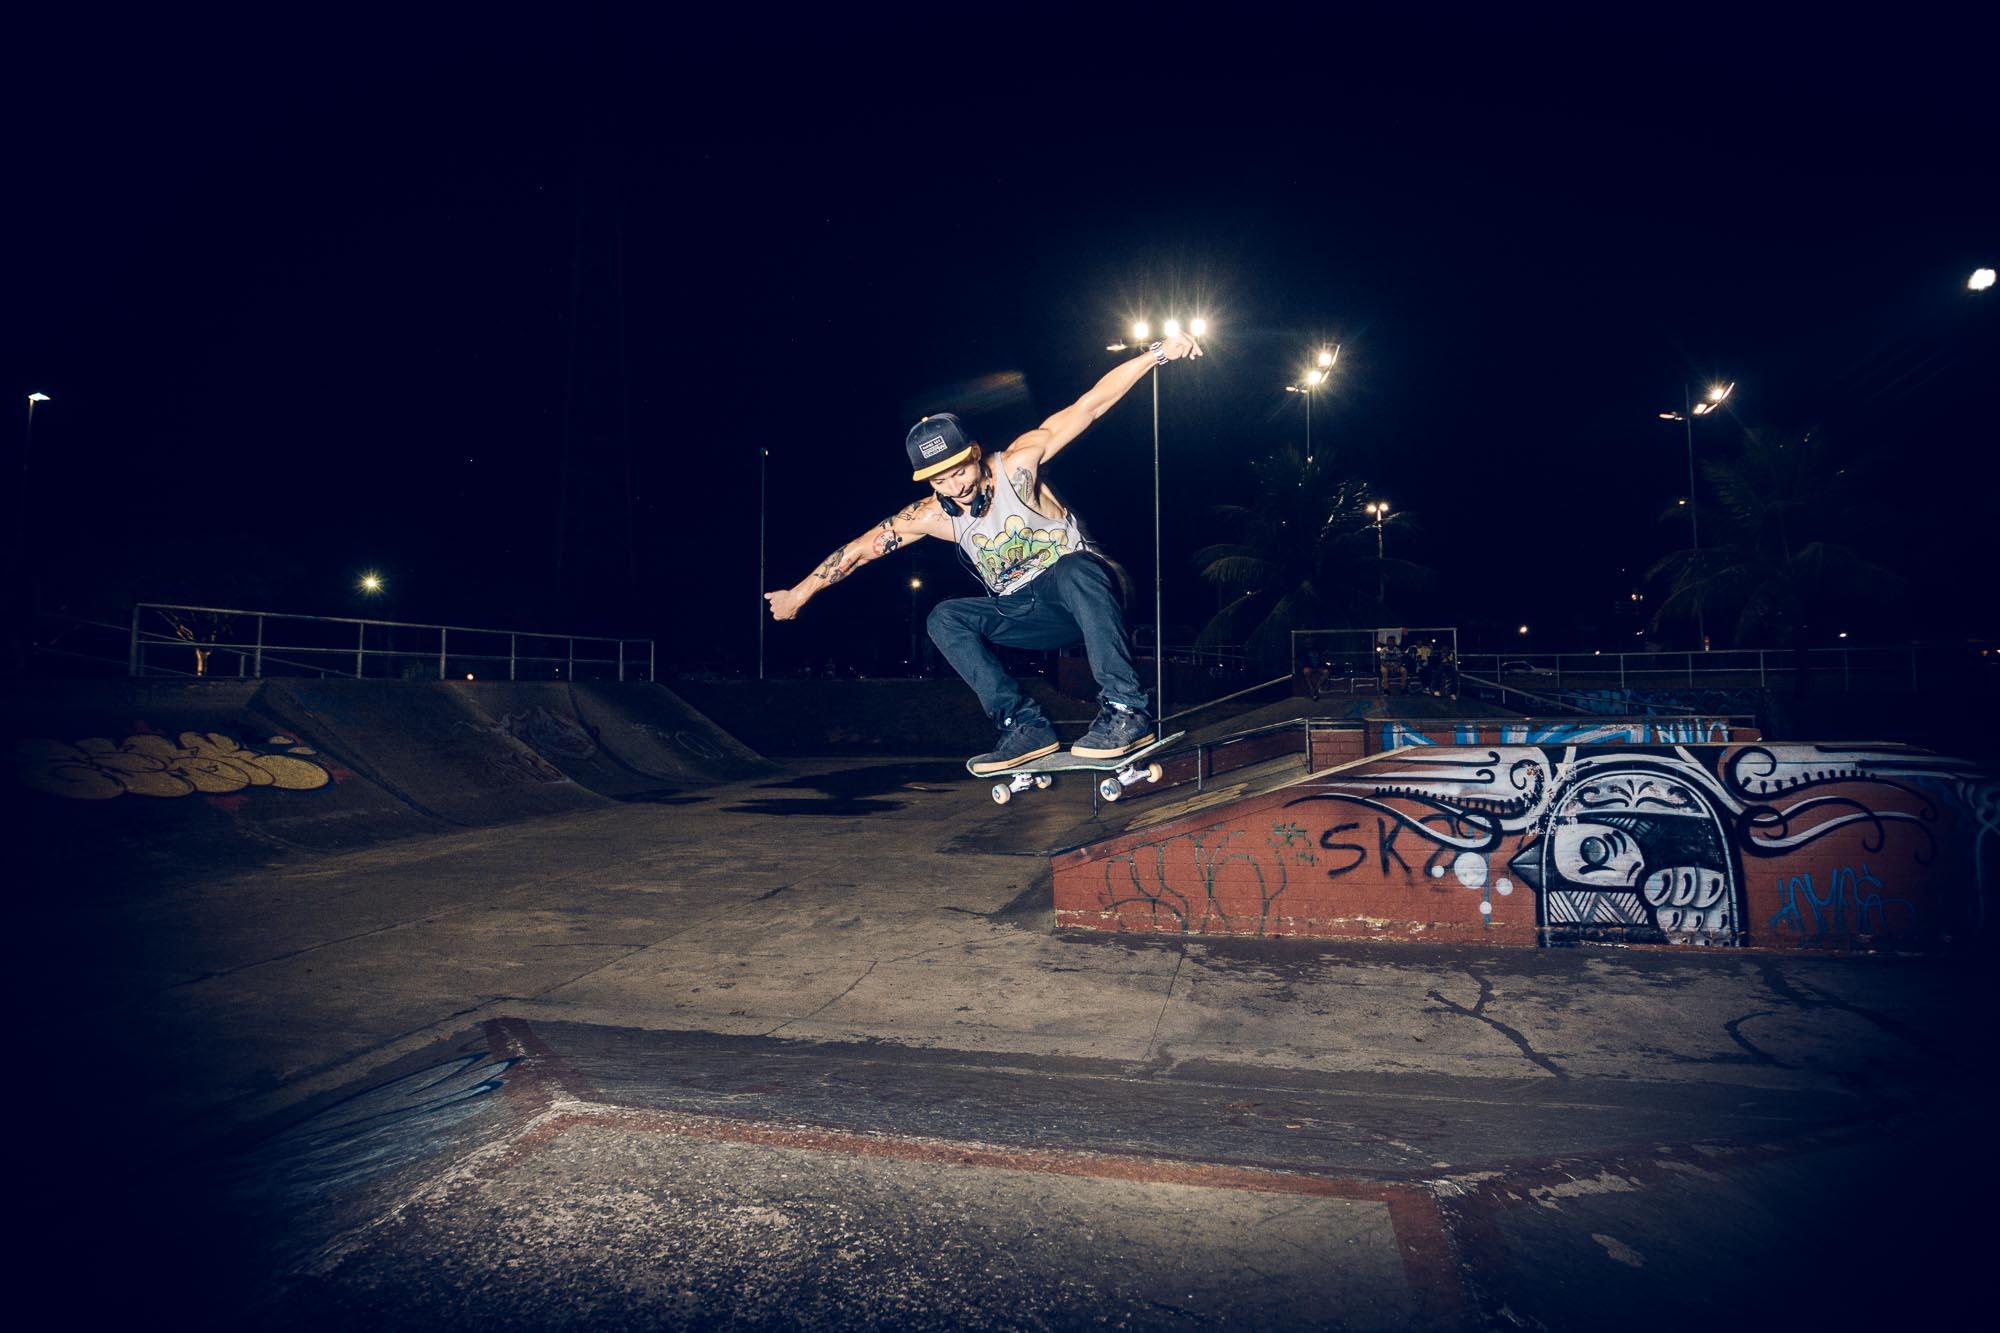 Greg Lee Skateboarder Trick 6